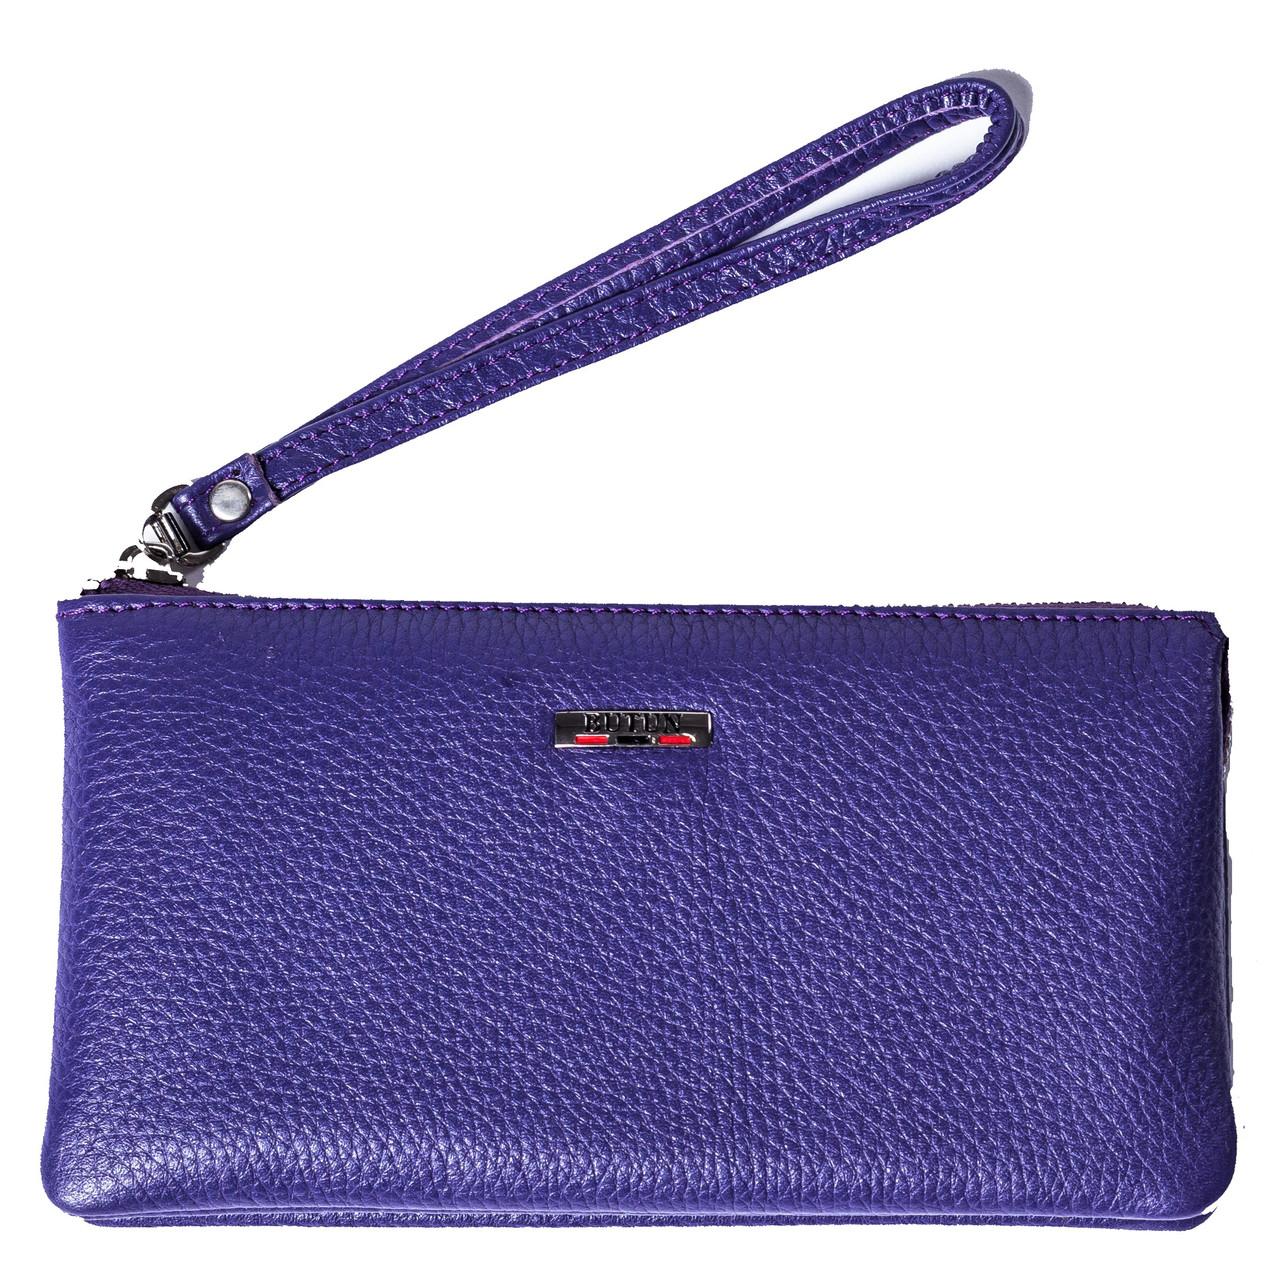 Женский клатч Butun 662-004-010 кожаный фиолетовый